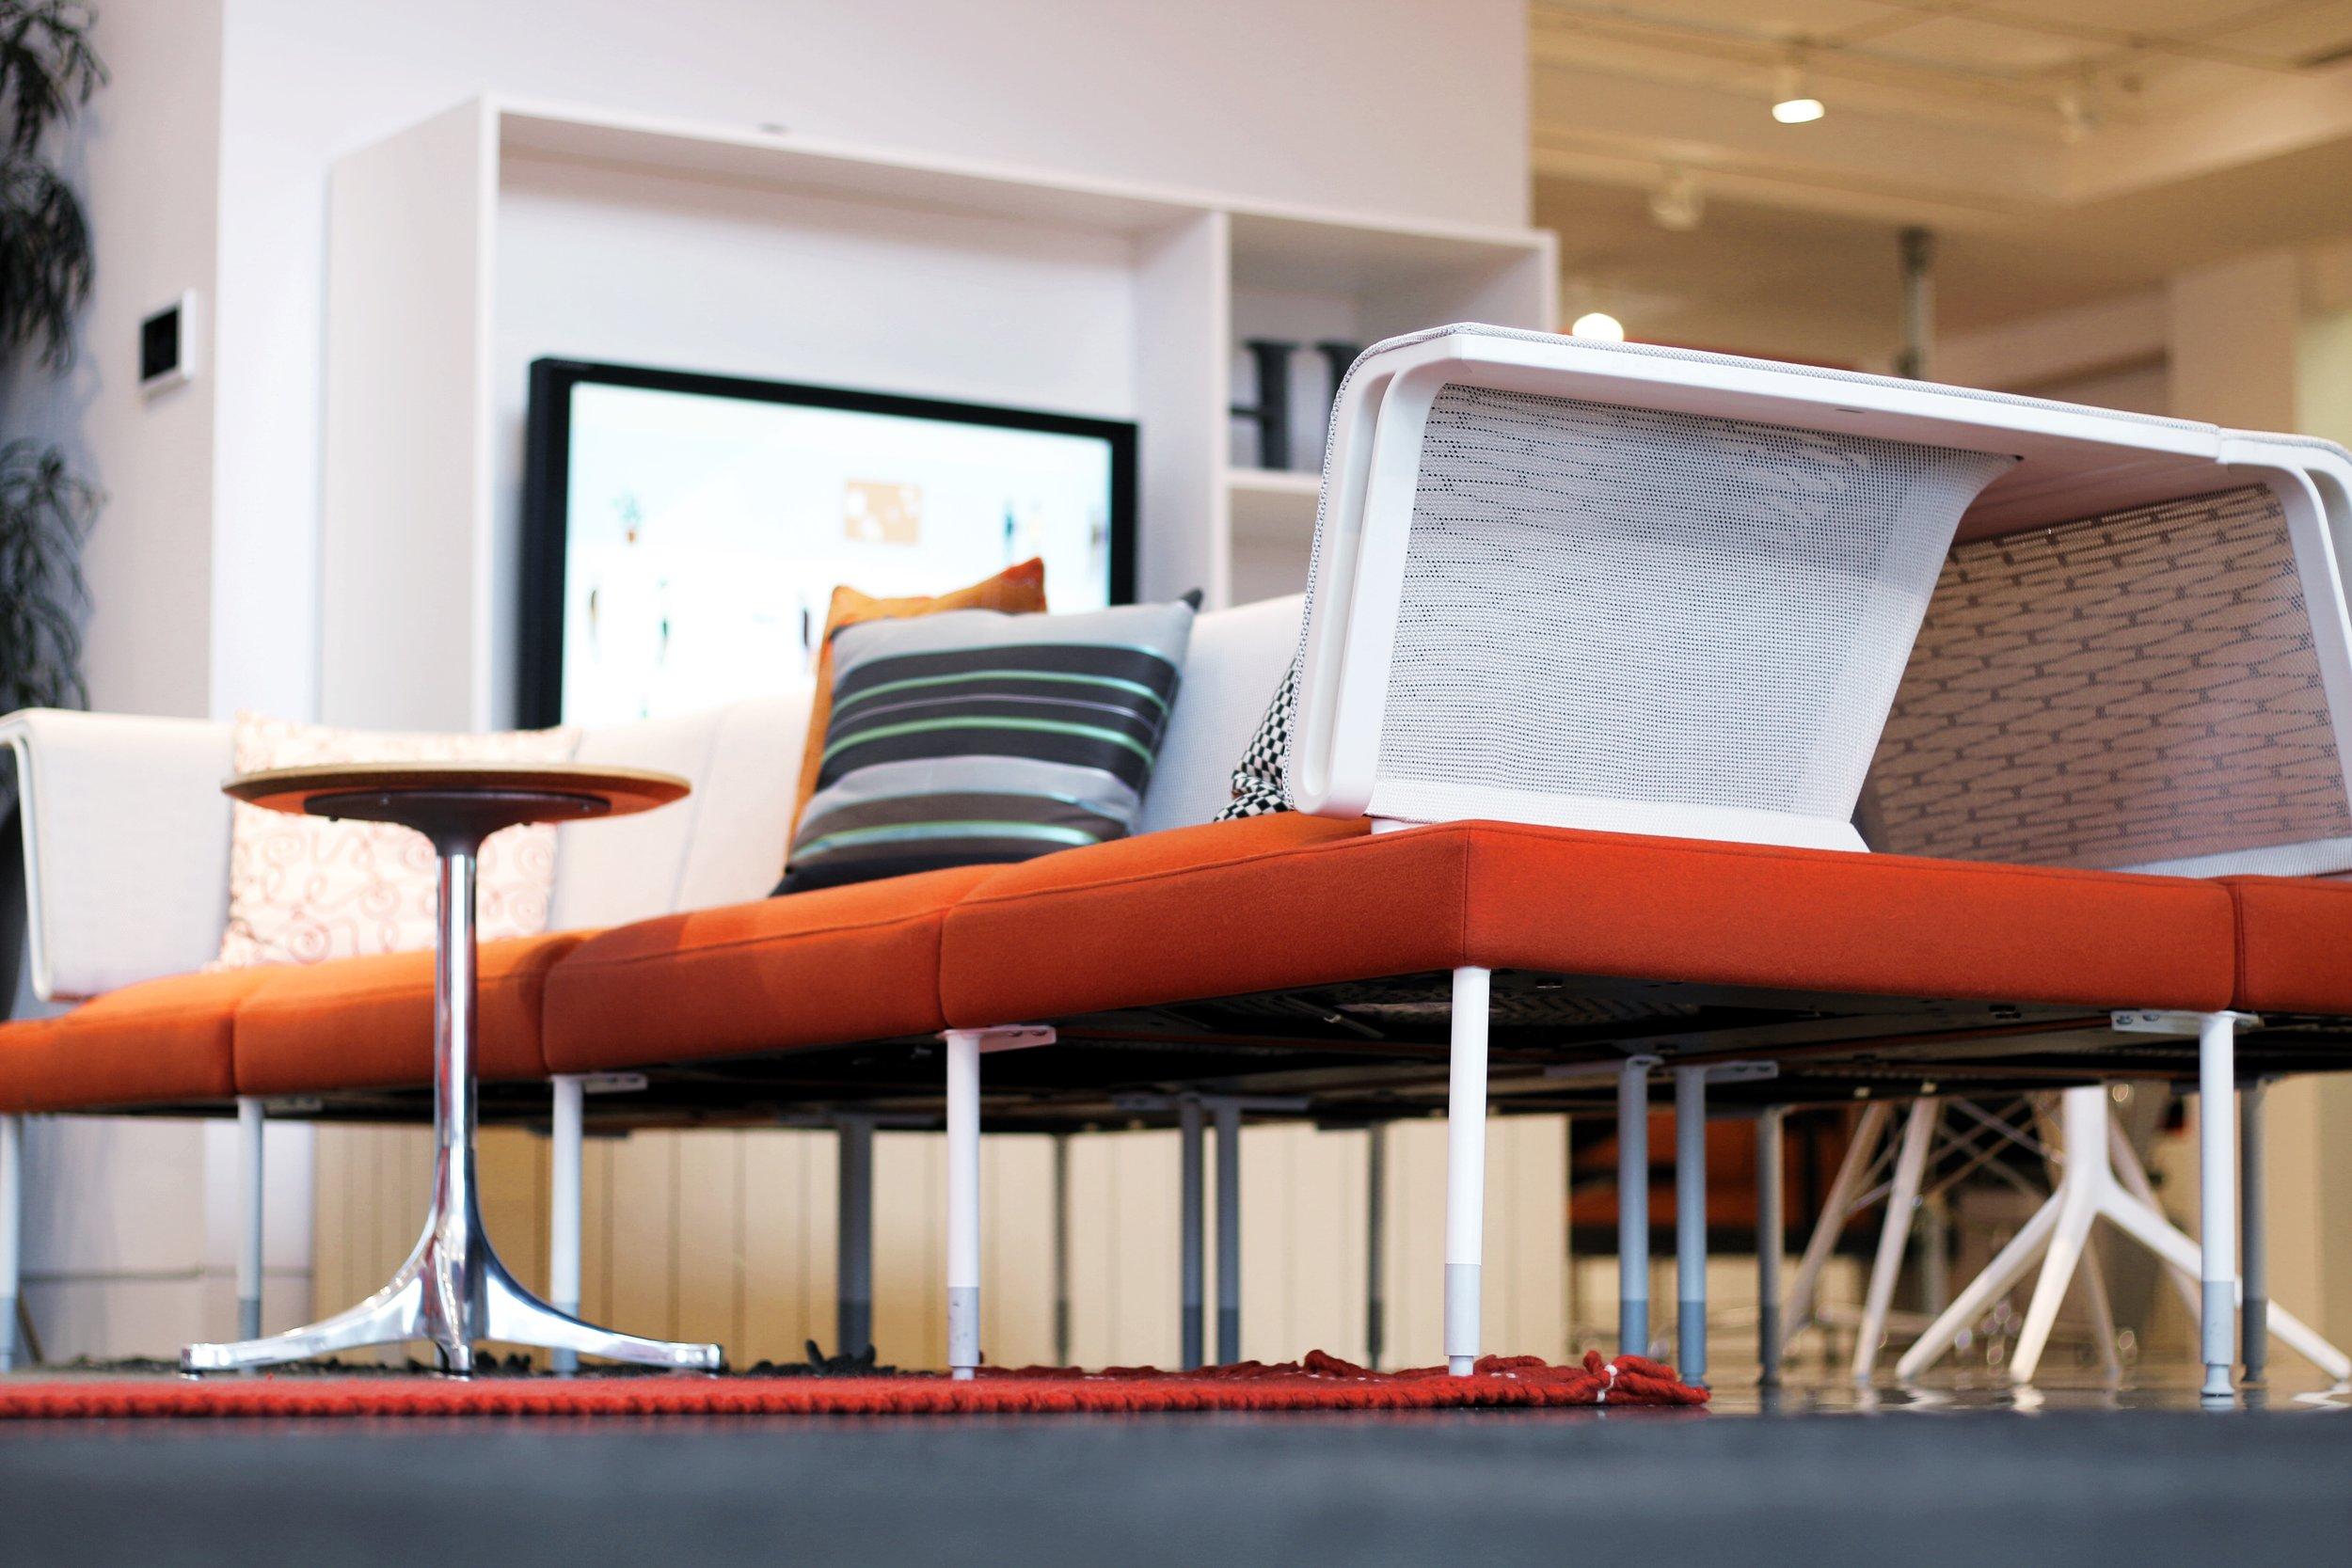 contemporary office interiors - digital media